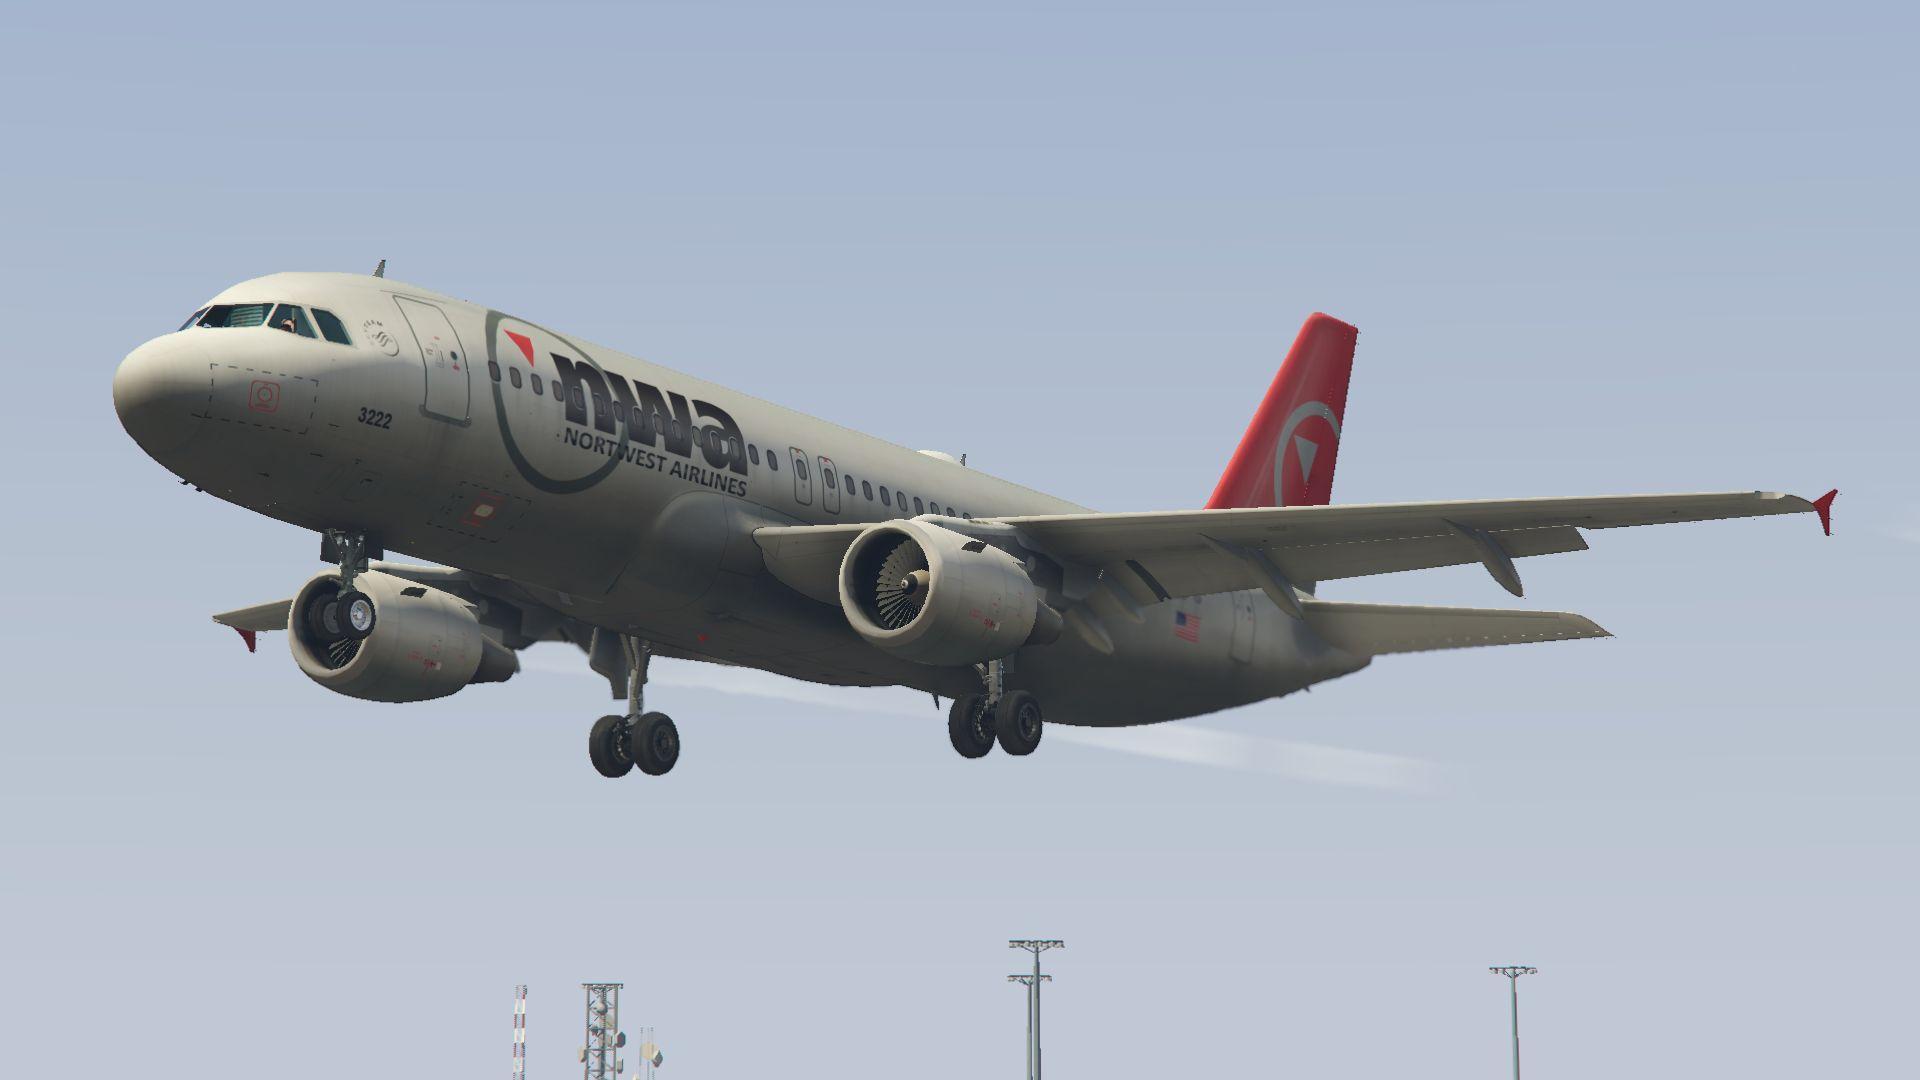 Airbus A320 200 Gta5 Mods Com